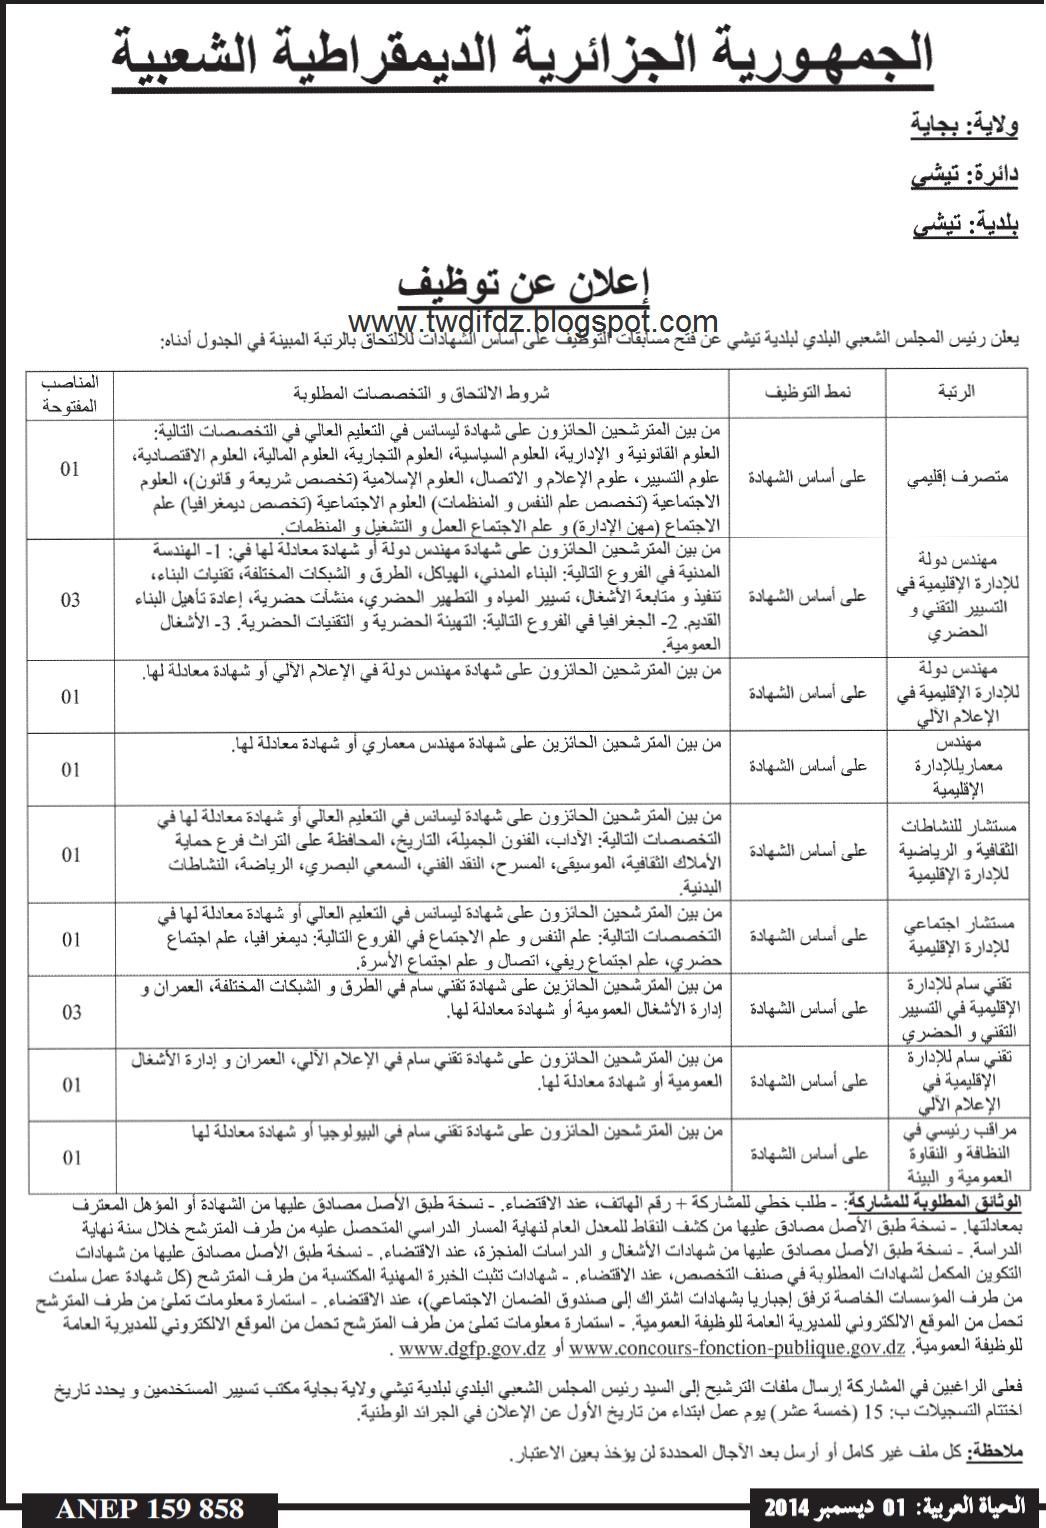 إعلان توظيف ببلدية تيشي ولاية بجاية